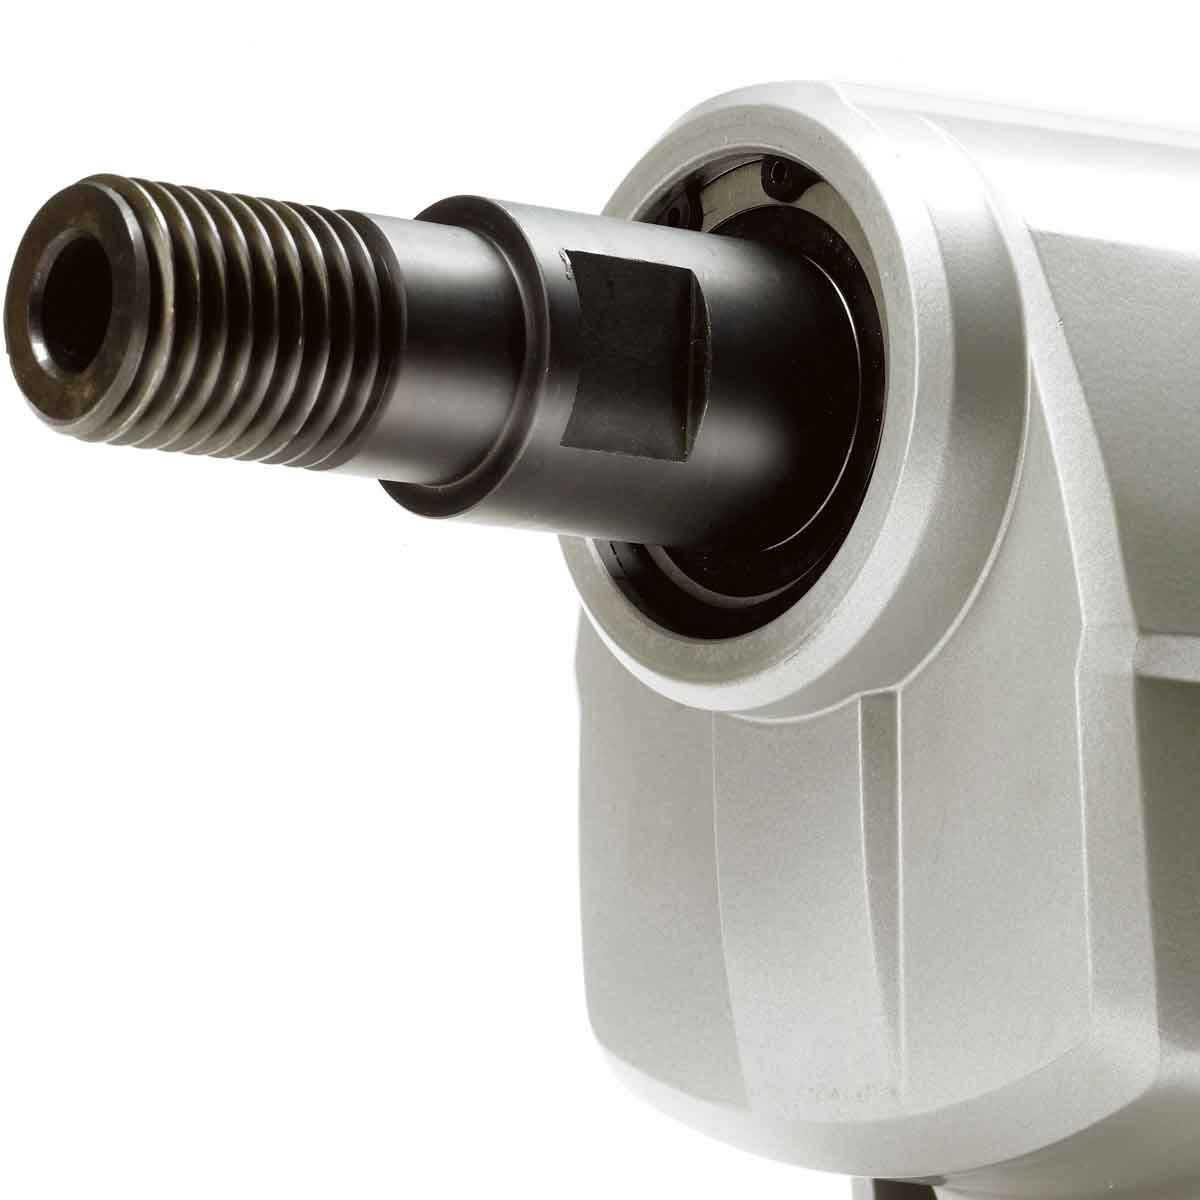 Husqvarna DM280 Low Speed drill